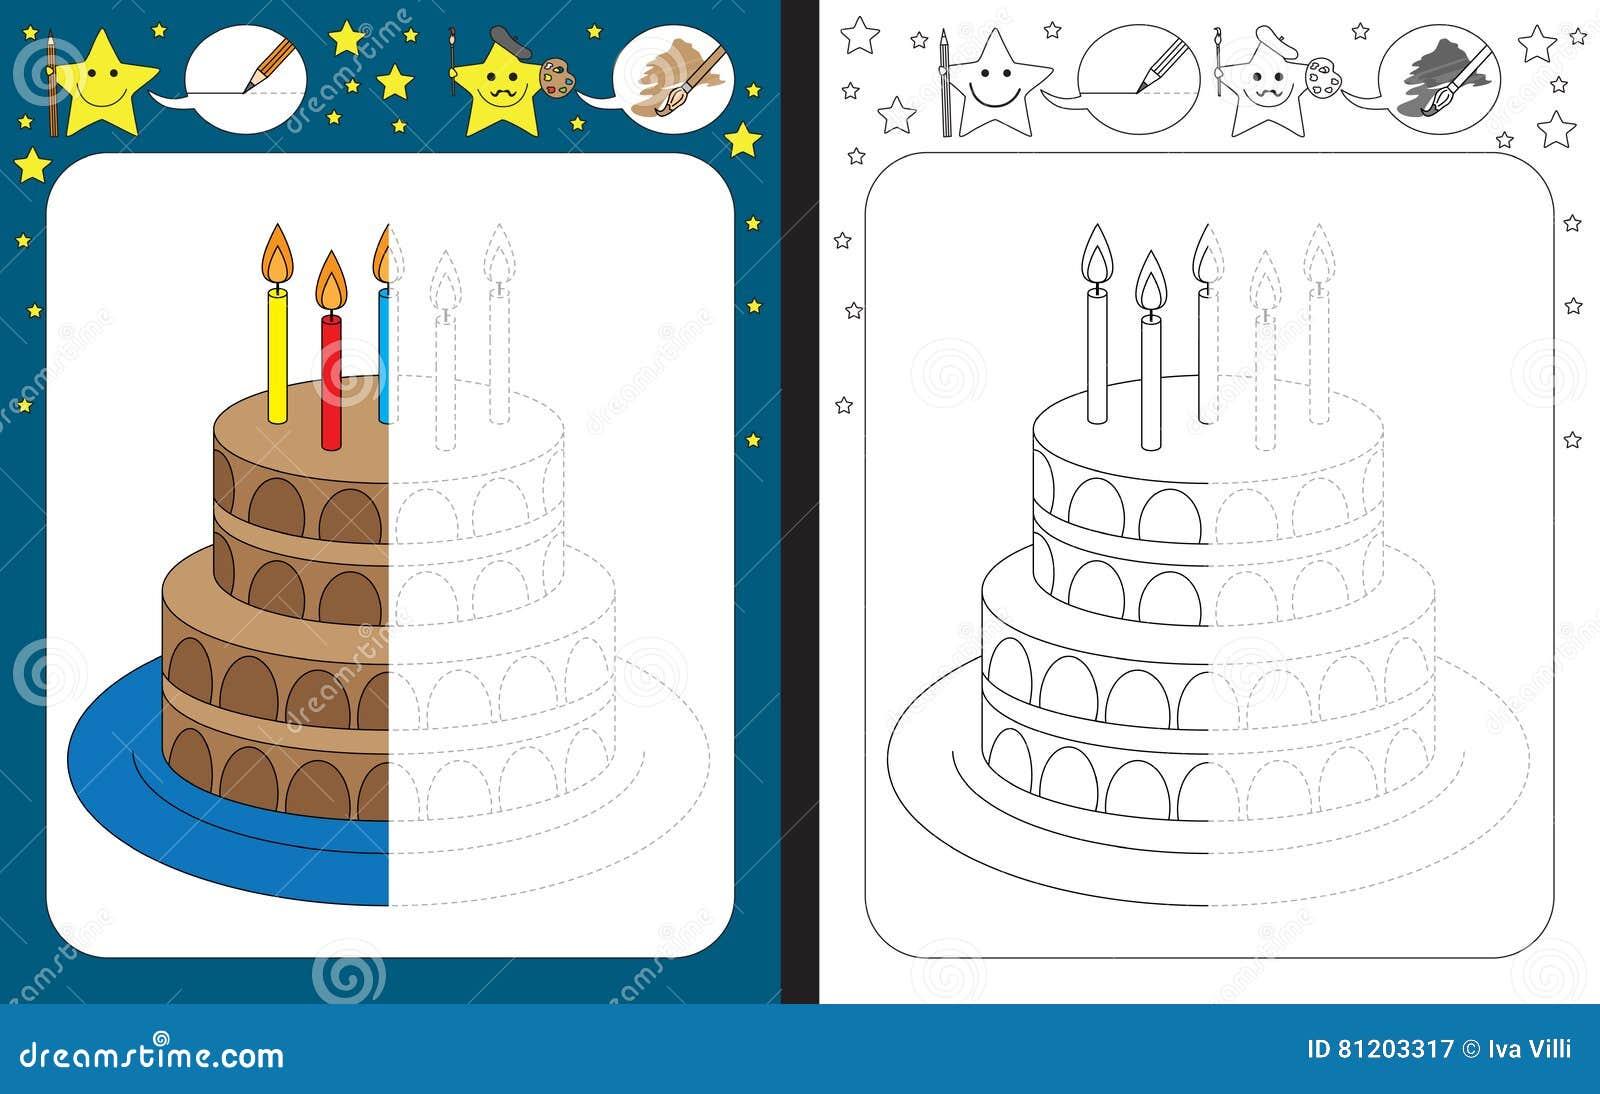 Preschool Worksheet Stock Vector Illustration Of Illustration